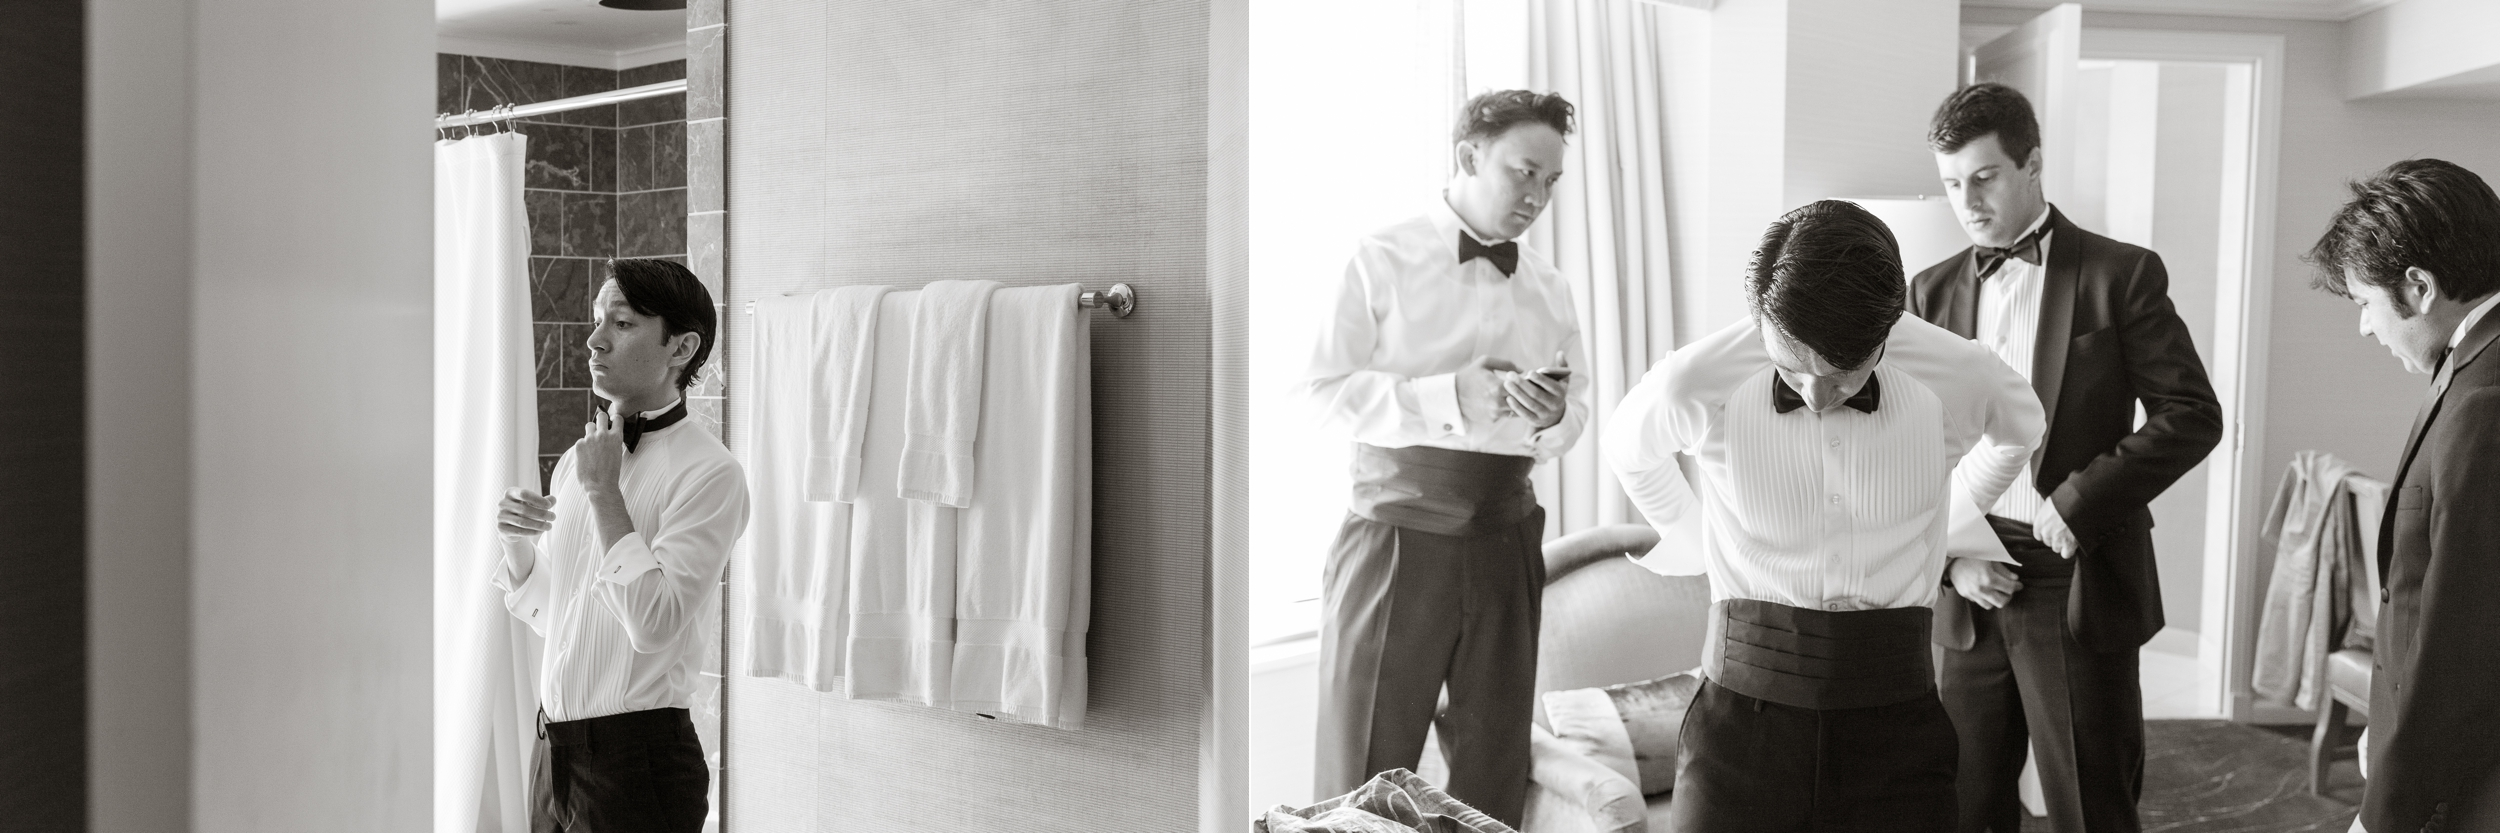 09san-francisco-green-room-wedding-photographer-vivianchen.jpg